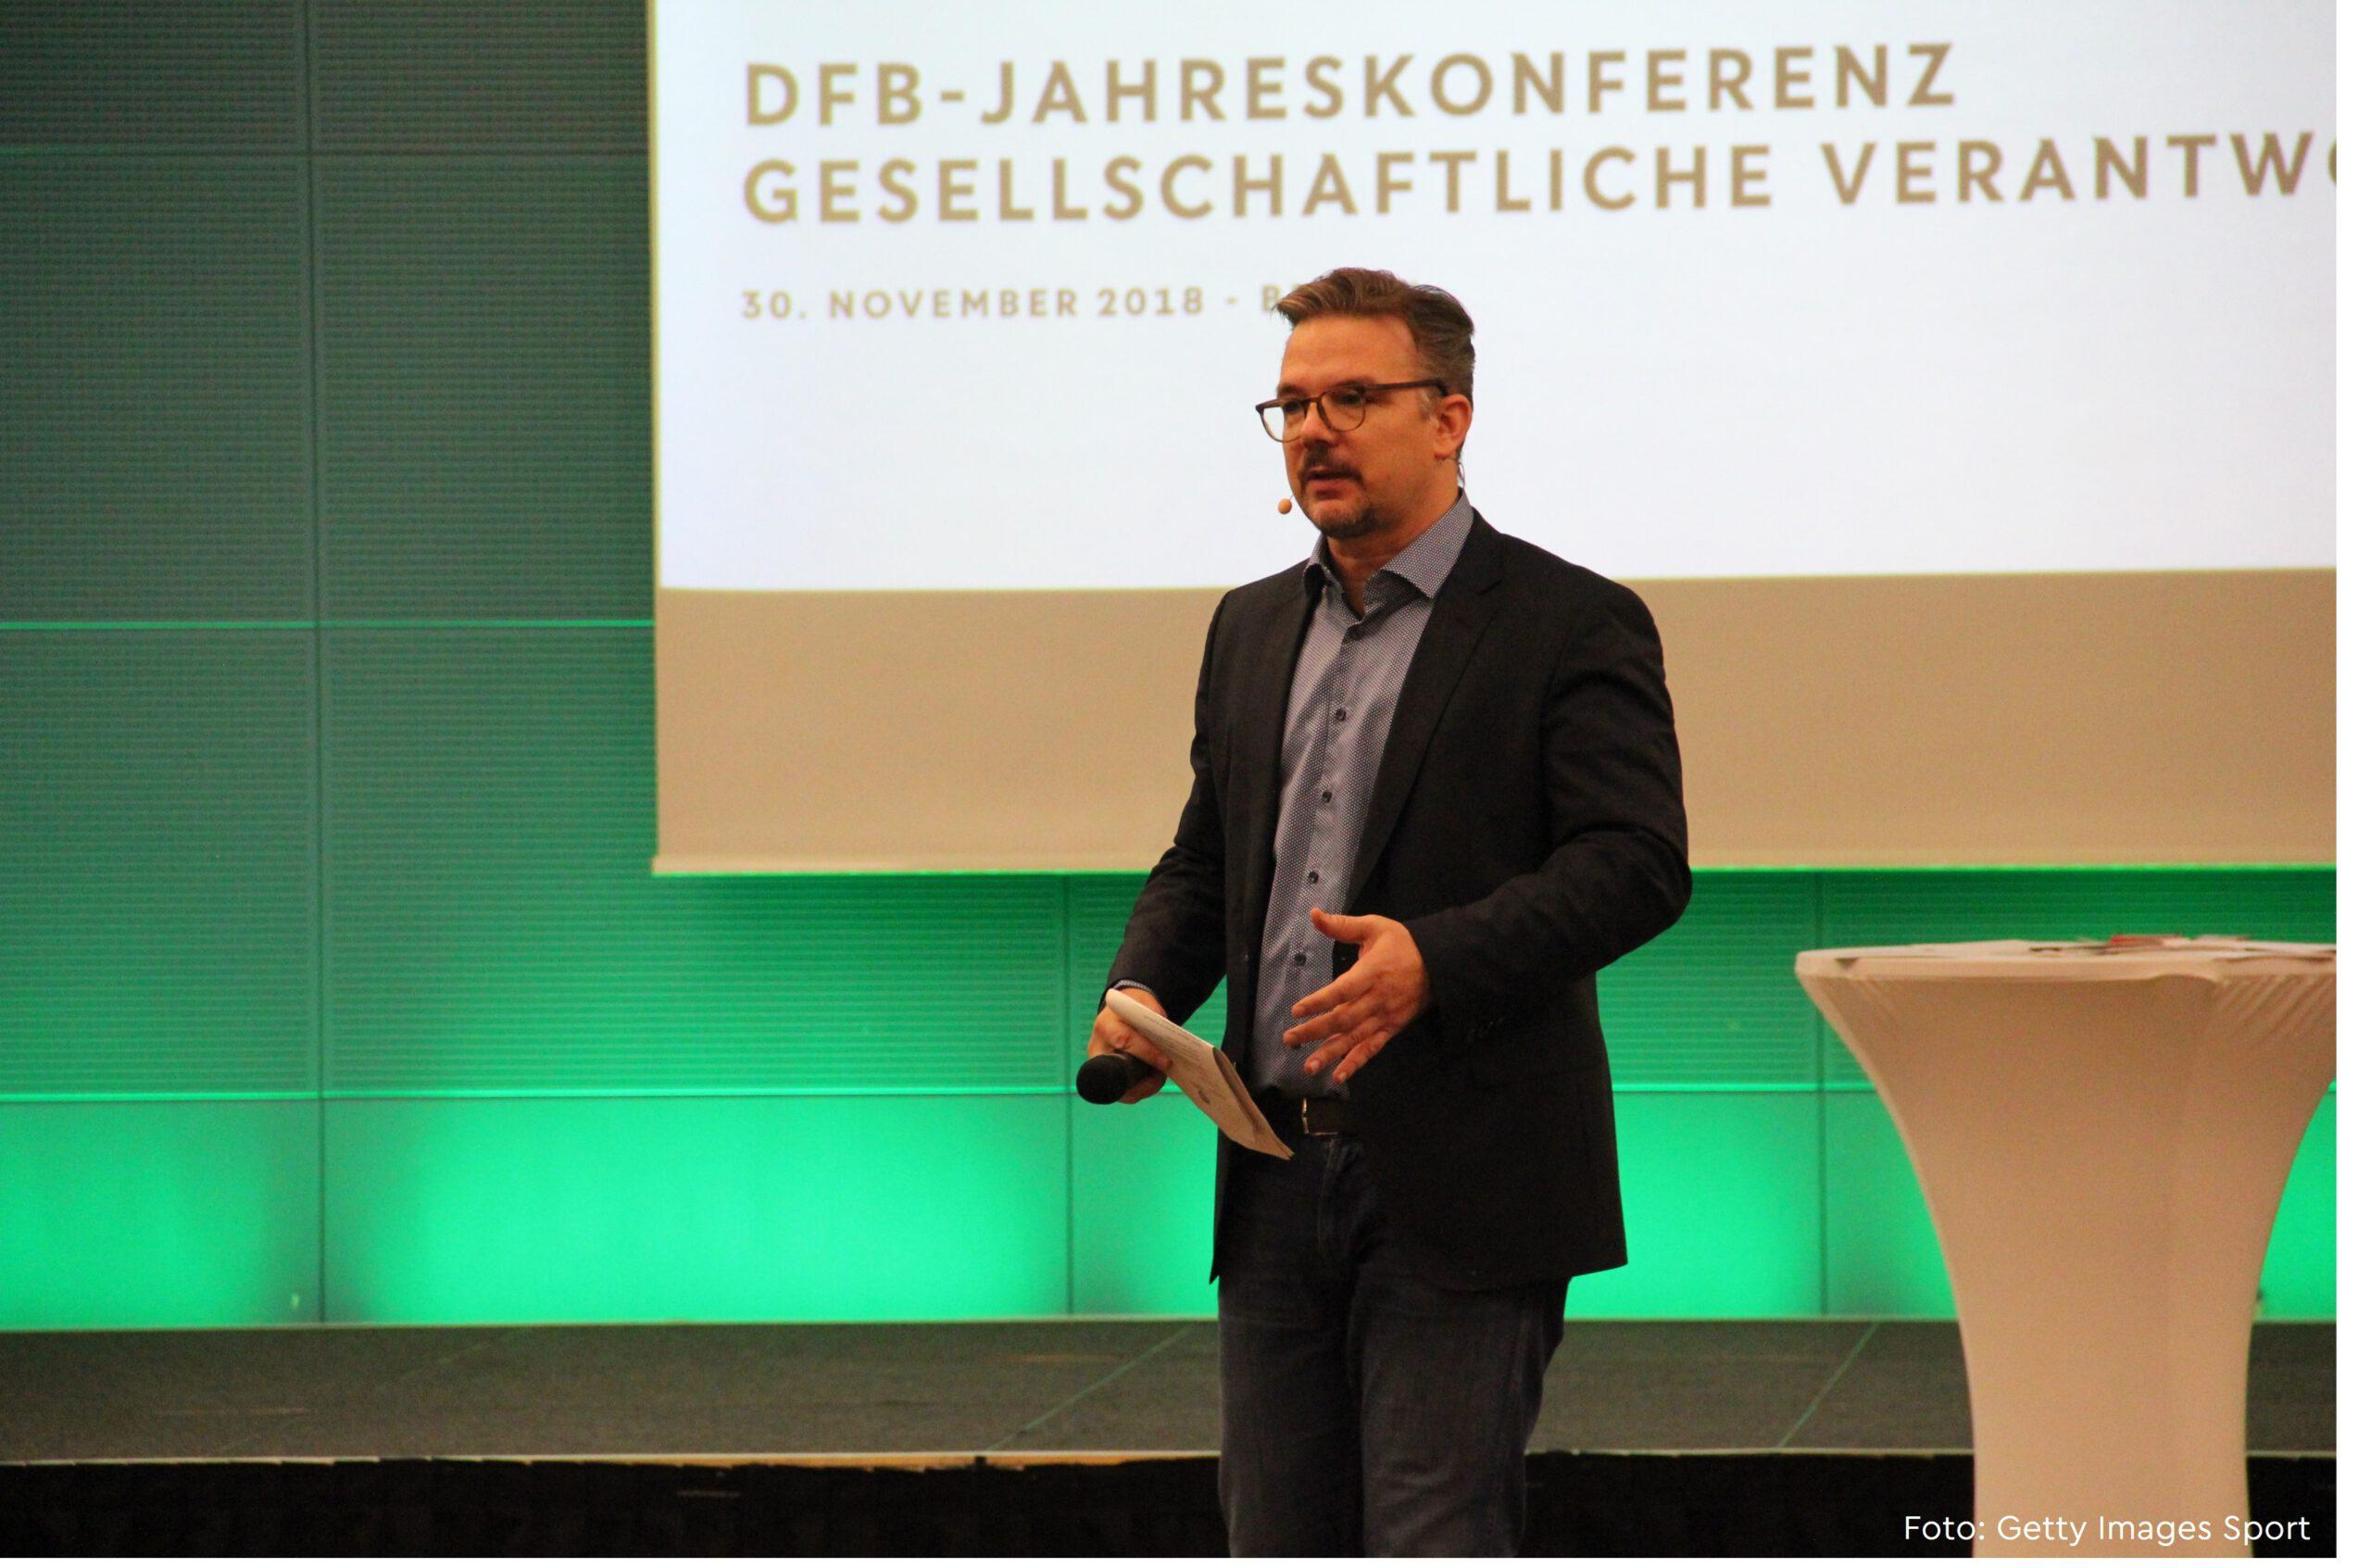 DFB Jahreskonferenz Gesellschaftliche Verantwortung